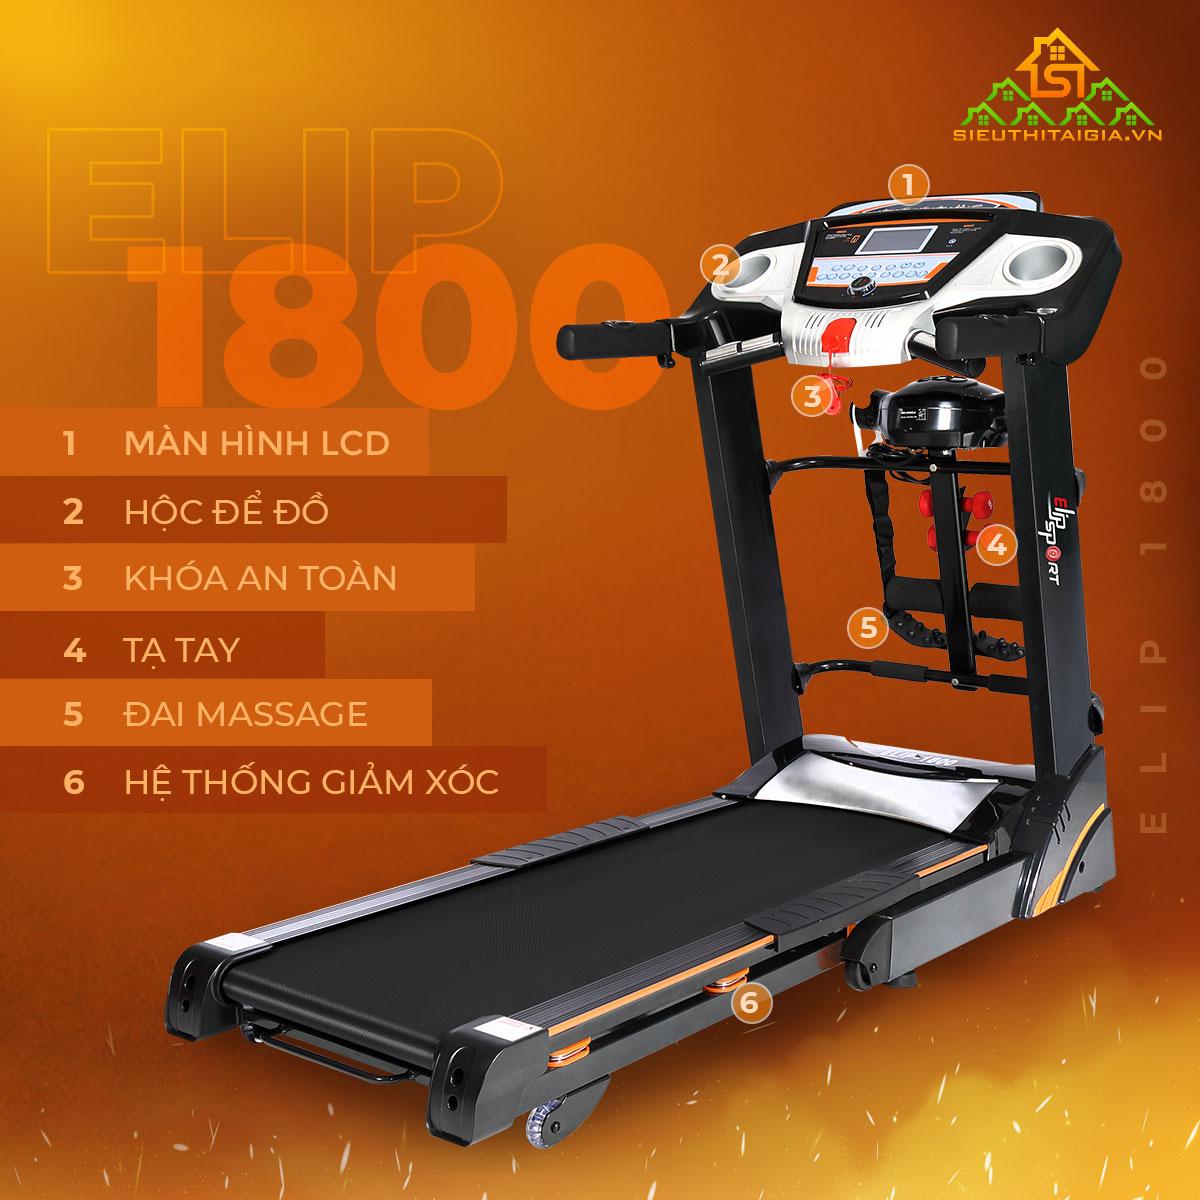 Máy chạy bộ đa năng ELIP 1800